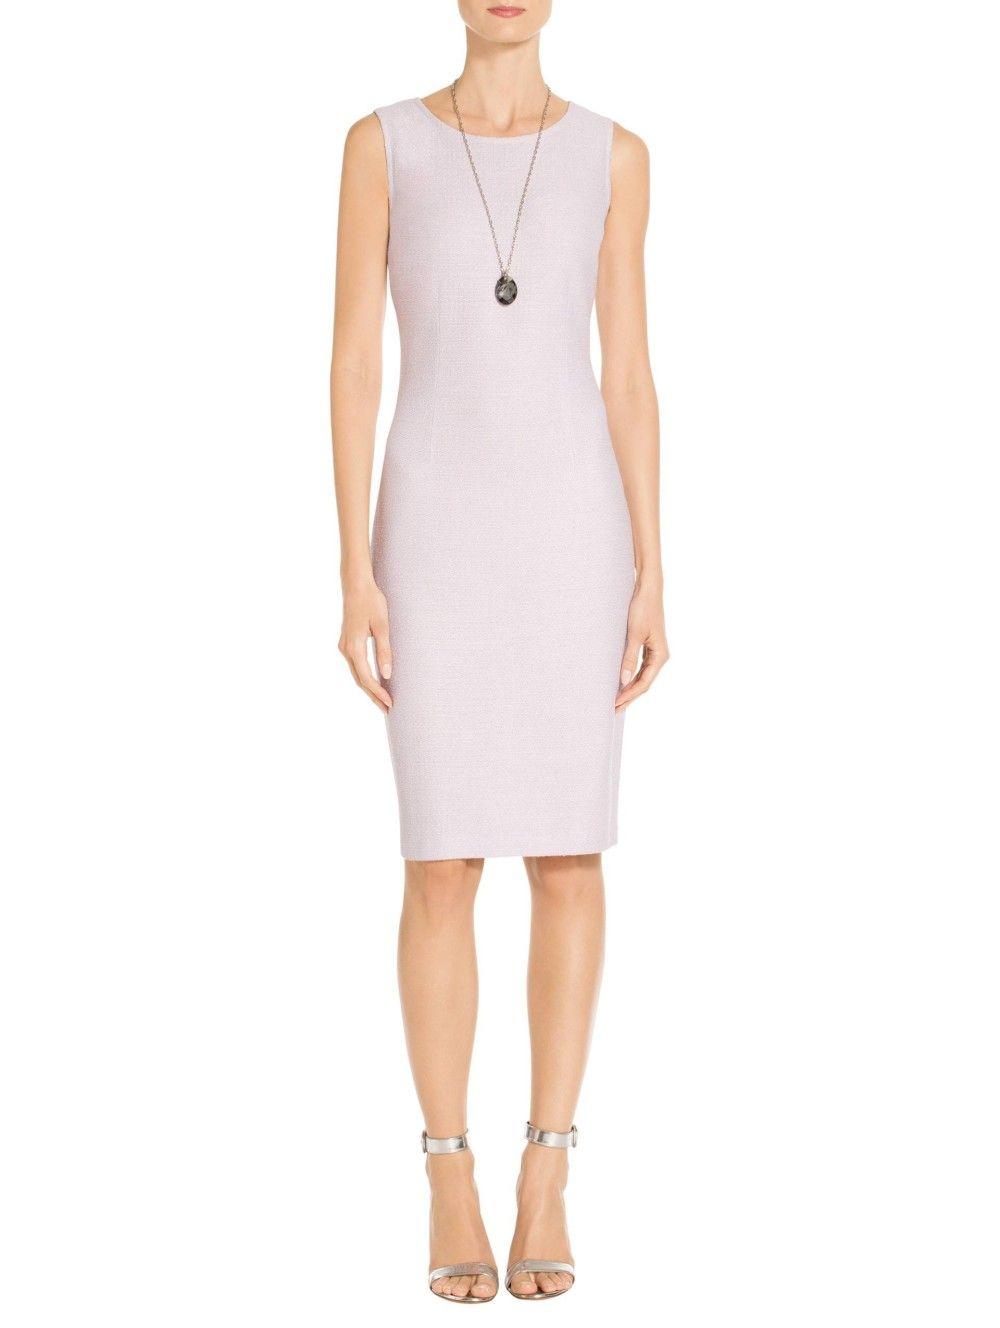 Soft+Boucle+Knit+Dress